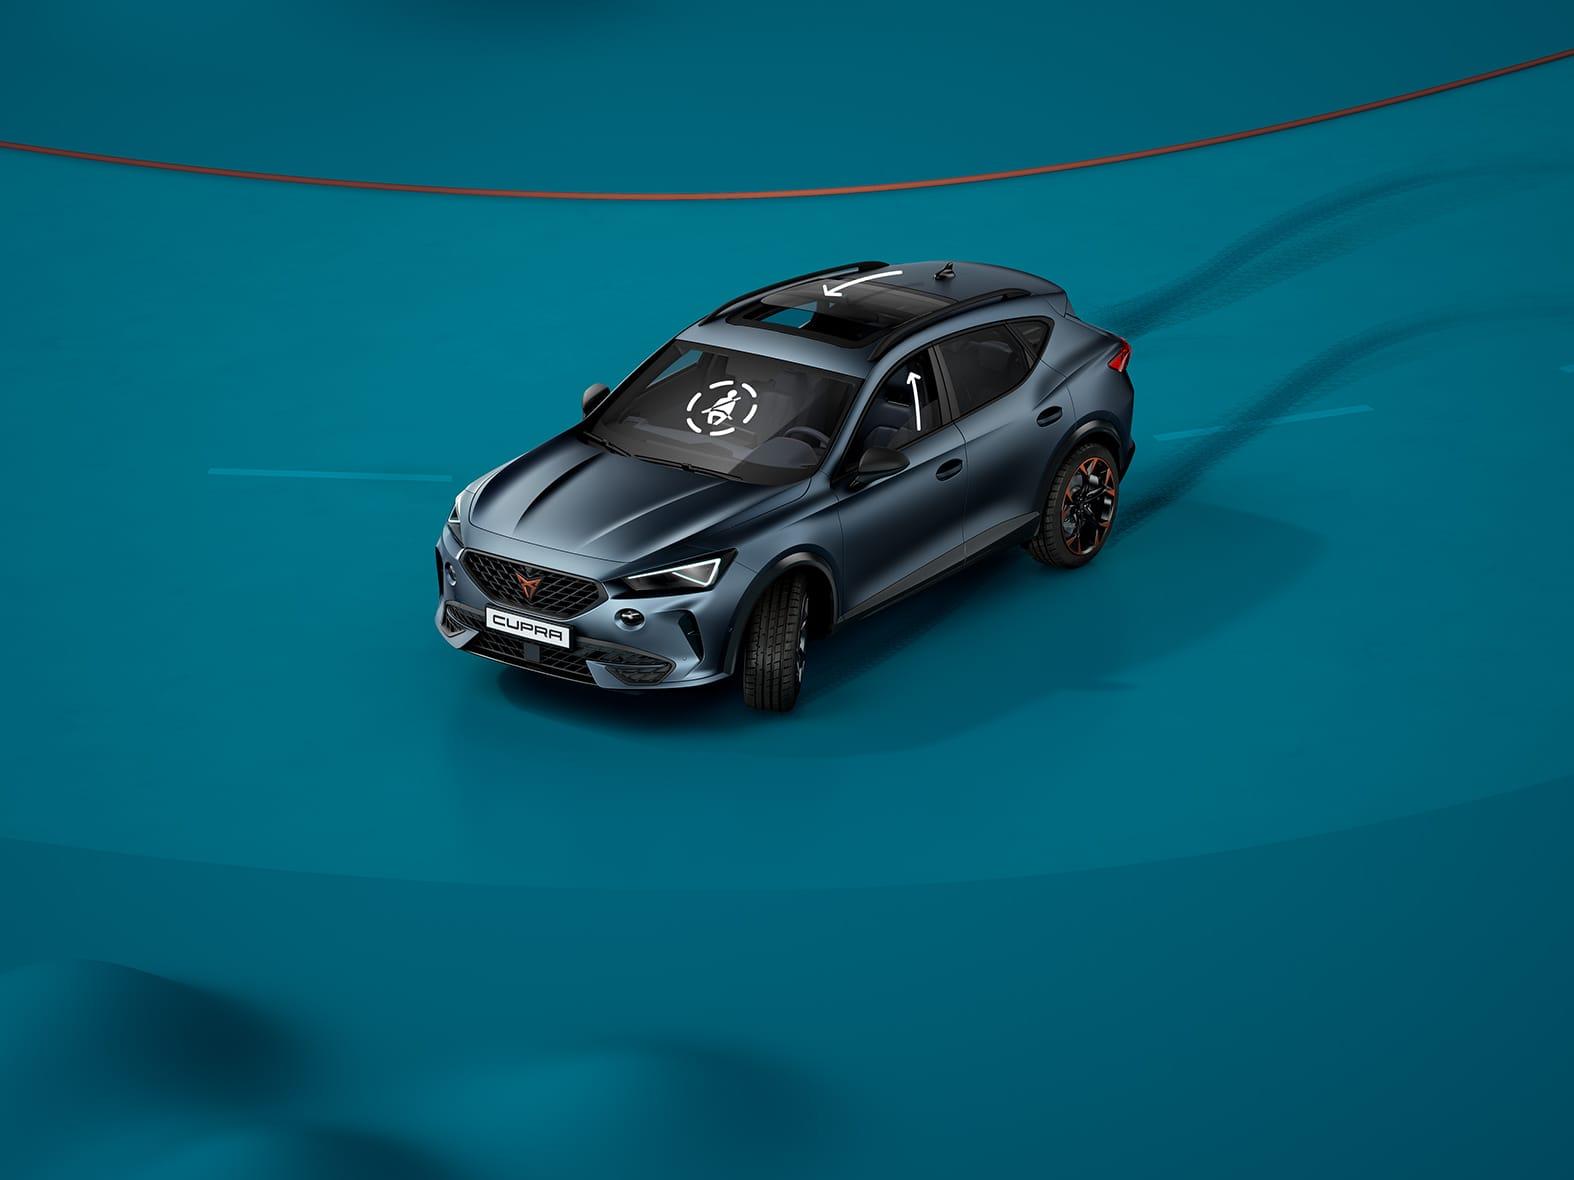 Neuer CUPRA Leon eHybrid Fünftürer Kompaktsportwagen mit Pre-Crash-Assistent